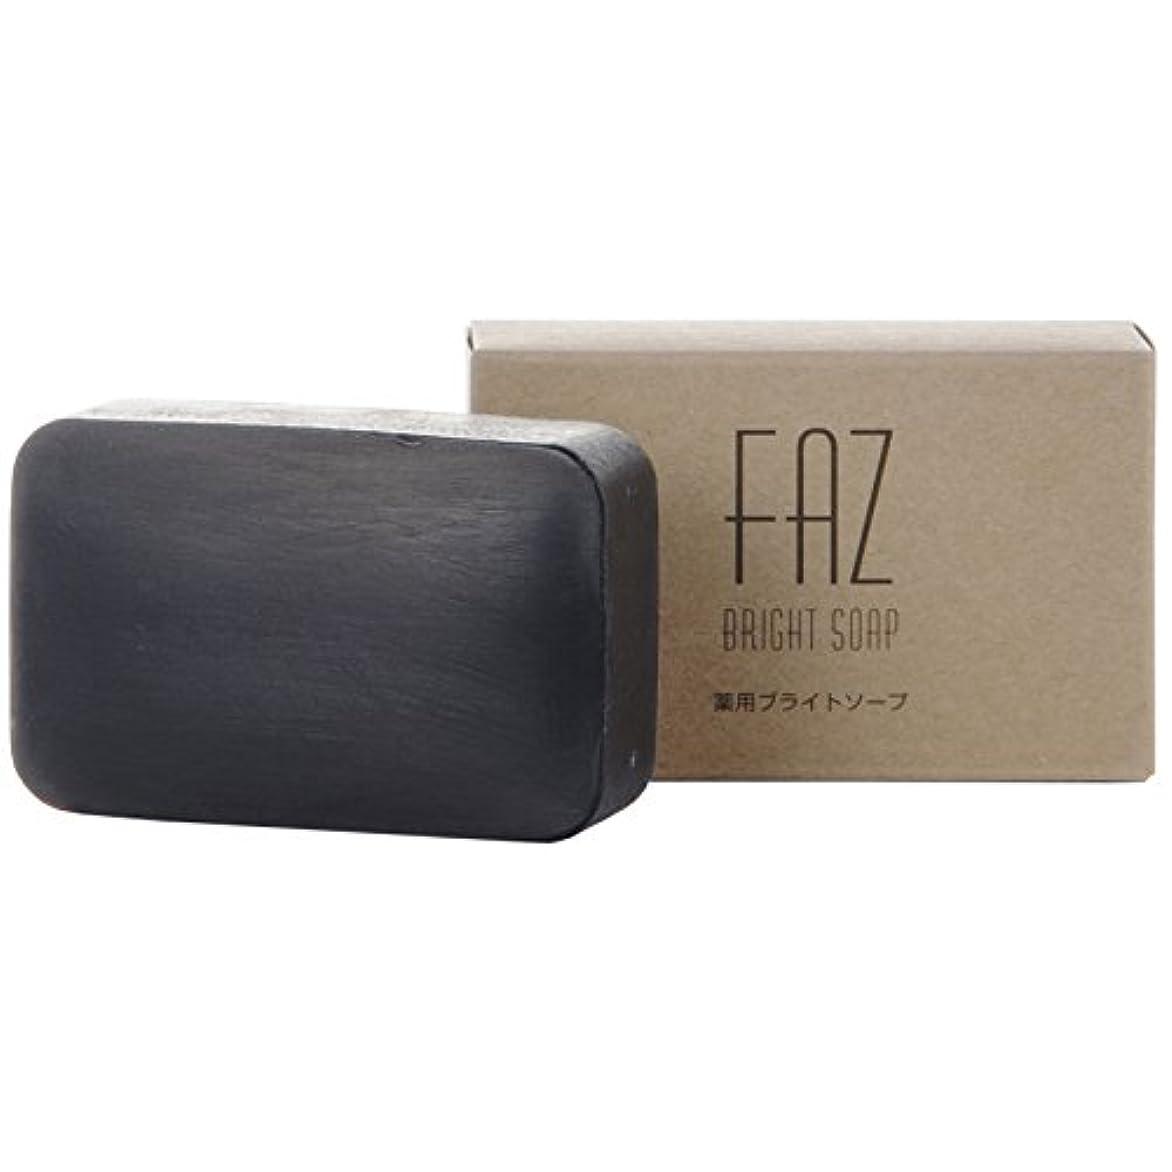 印象的数値定義FAZ 薬用ブライトソープ 100g